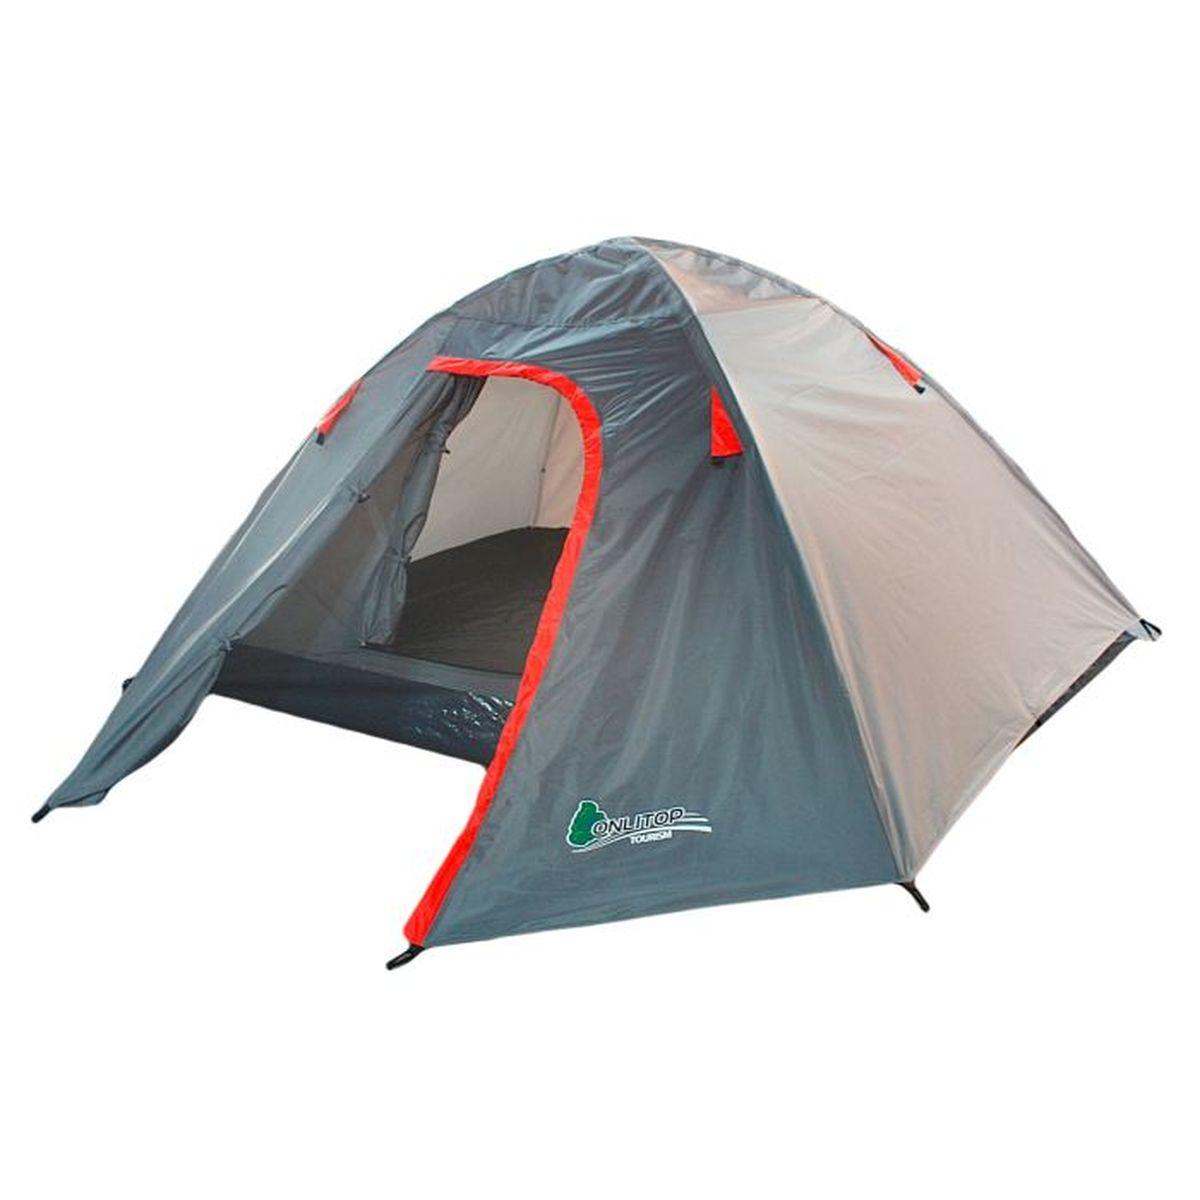 Палатка туристическая Onlitop MALI 3, цвет: серый776288Если вы заядлый турист или просто любитель природы, вы хоть раз задумывались о ночёвке на свежем воздухе. Чтобы провести её с комфортом, вам понадобится отличная палатка, Она обеспечит безопасный досуг и защитит от непогоды и насекомых. Ткань рипстоп гарантирует длительную эксплуатацию палатки за счёт высокой прочности материала.